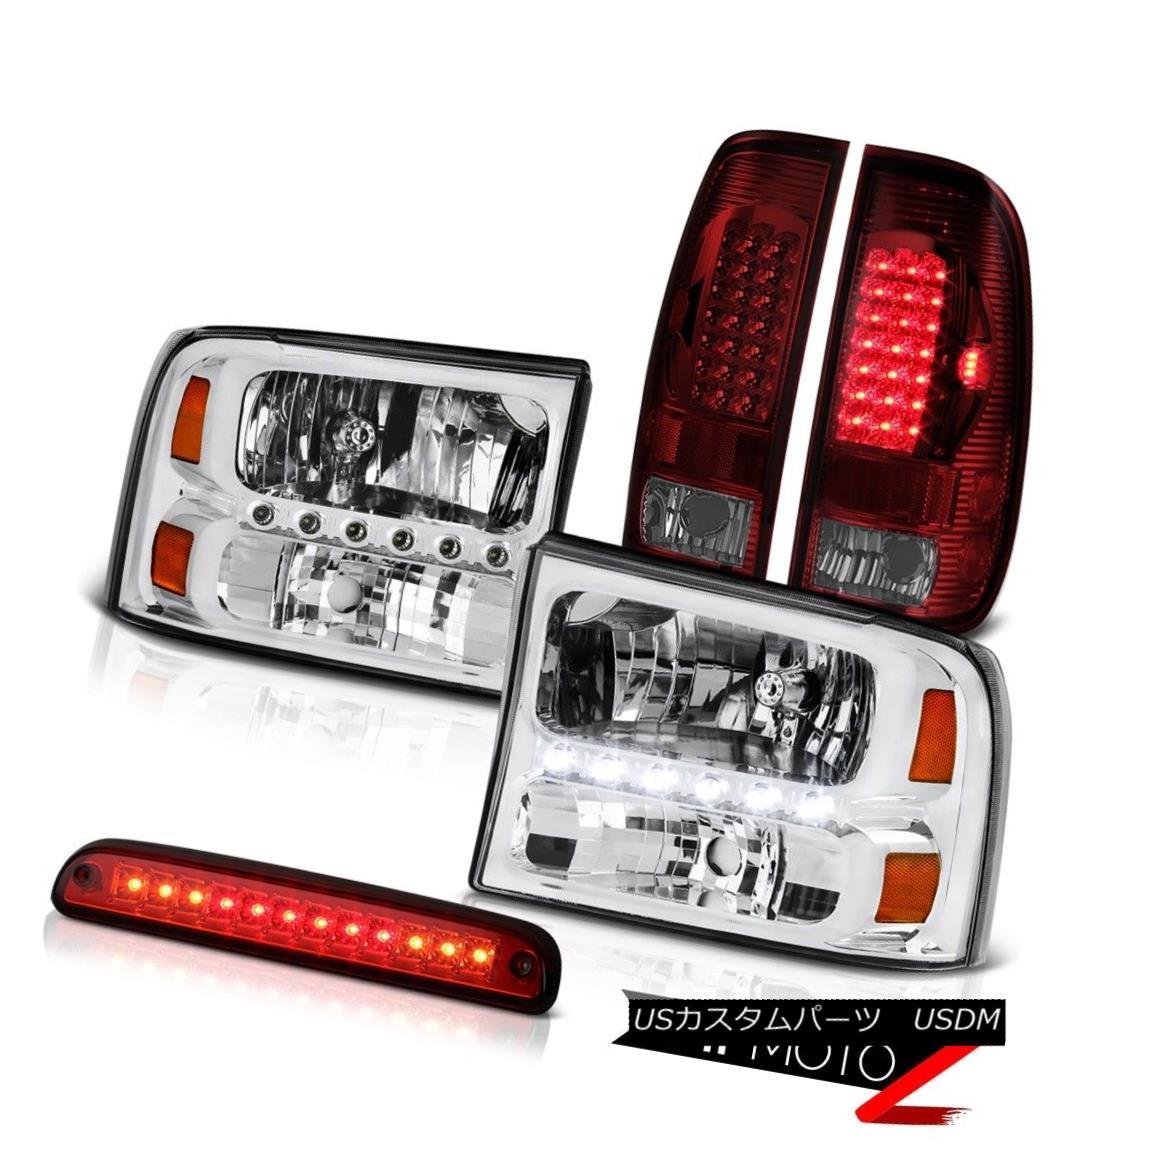 ヘッドライト Chrome Headlamps Third Brake Cargo Bulbs Tail Light 99 00 01 02 03 04 F350 6.8L クロームヘッドランプ第3ブレーキカーゴ球根テールライト99 00 01 02 03 04 F350 6.8L